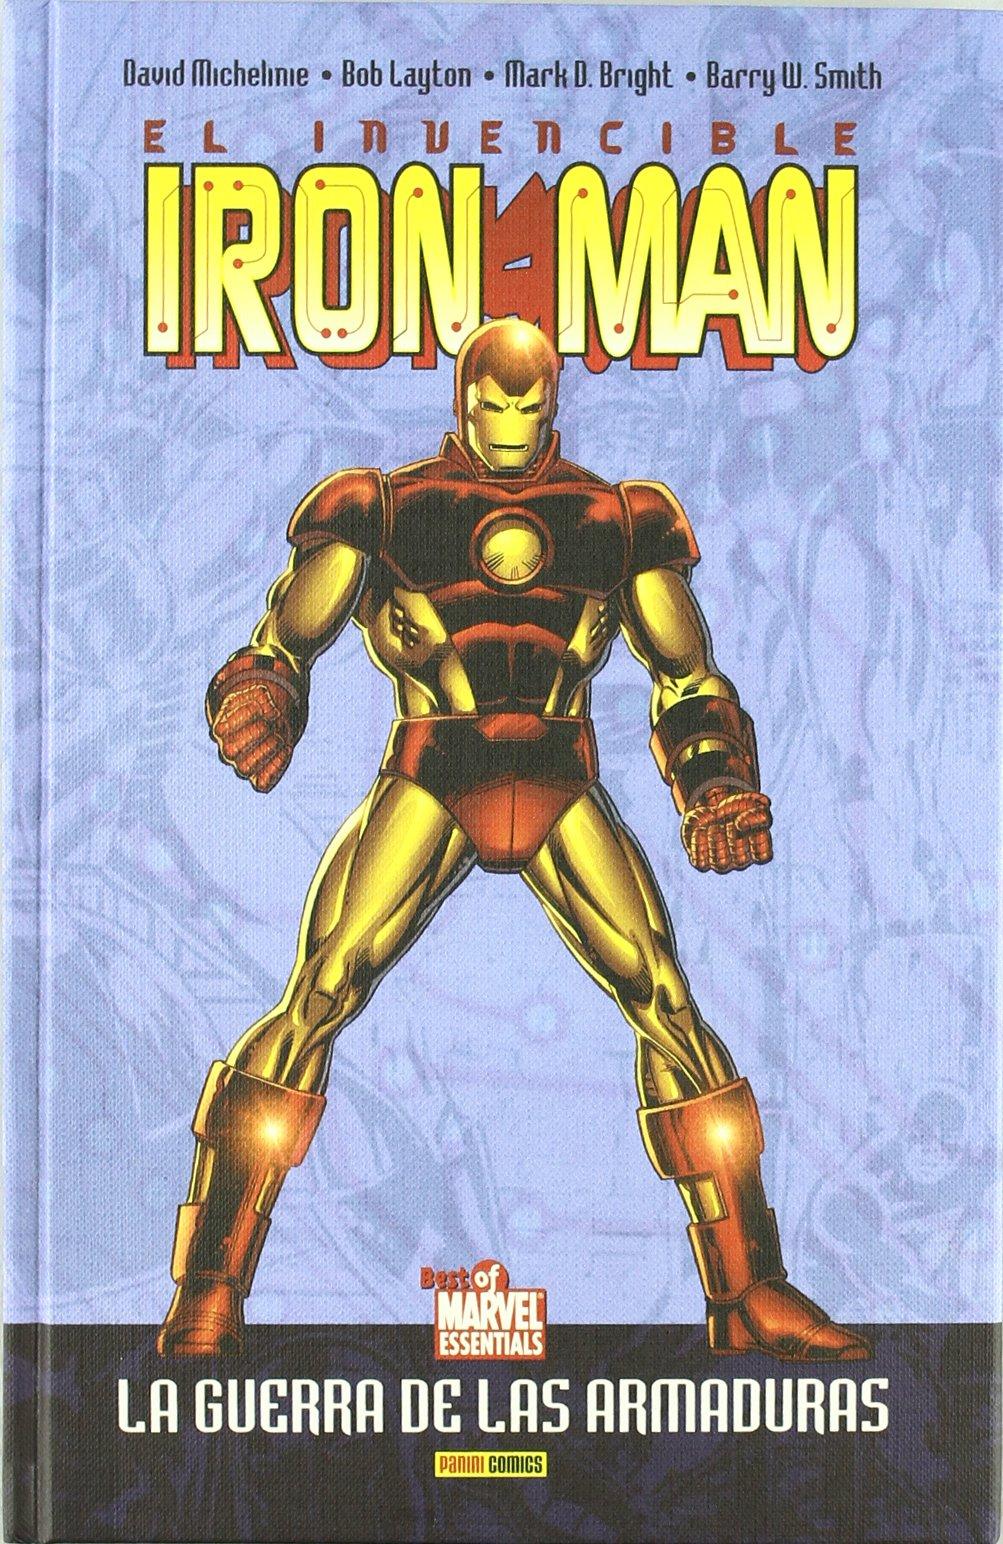 El mejor Marvel de sd 15 (Iron man el hombre de la mascara de hierro, la guerra): Marvel ediciones: 9788496874954: Amazon.com: Books